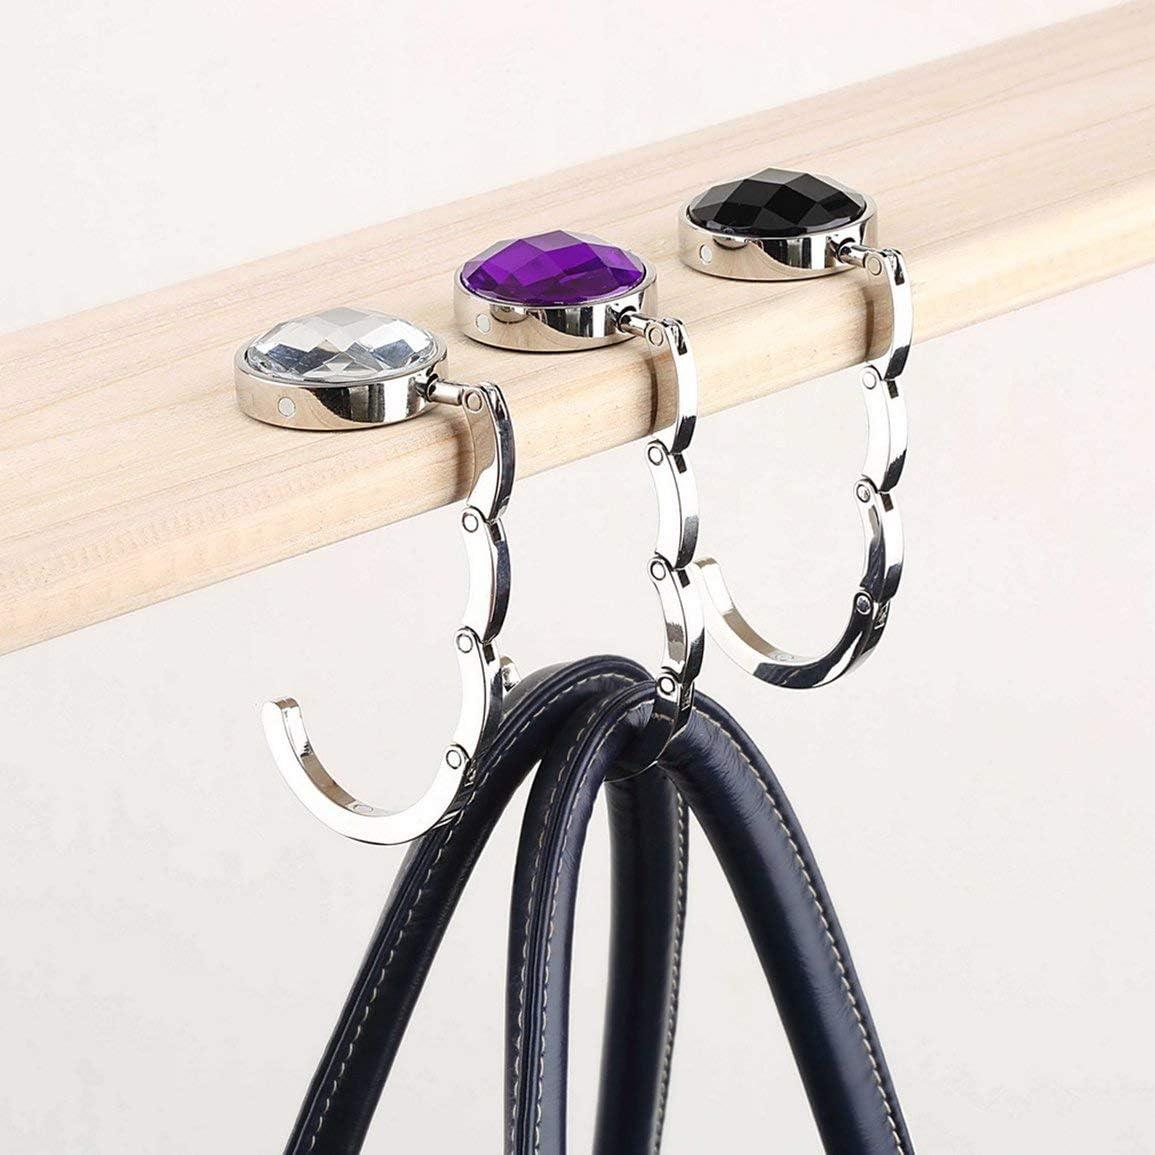 Portable Crystal Alloy Wallet Holder Handbag Hook Foldable Hangbag Hook Desk Hanger Multiple Pocket Accessories